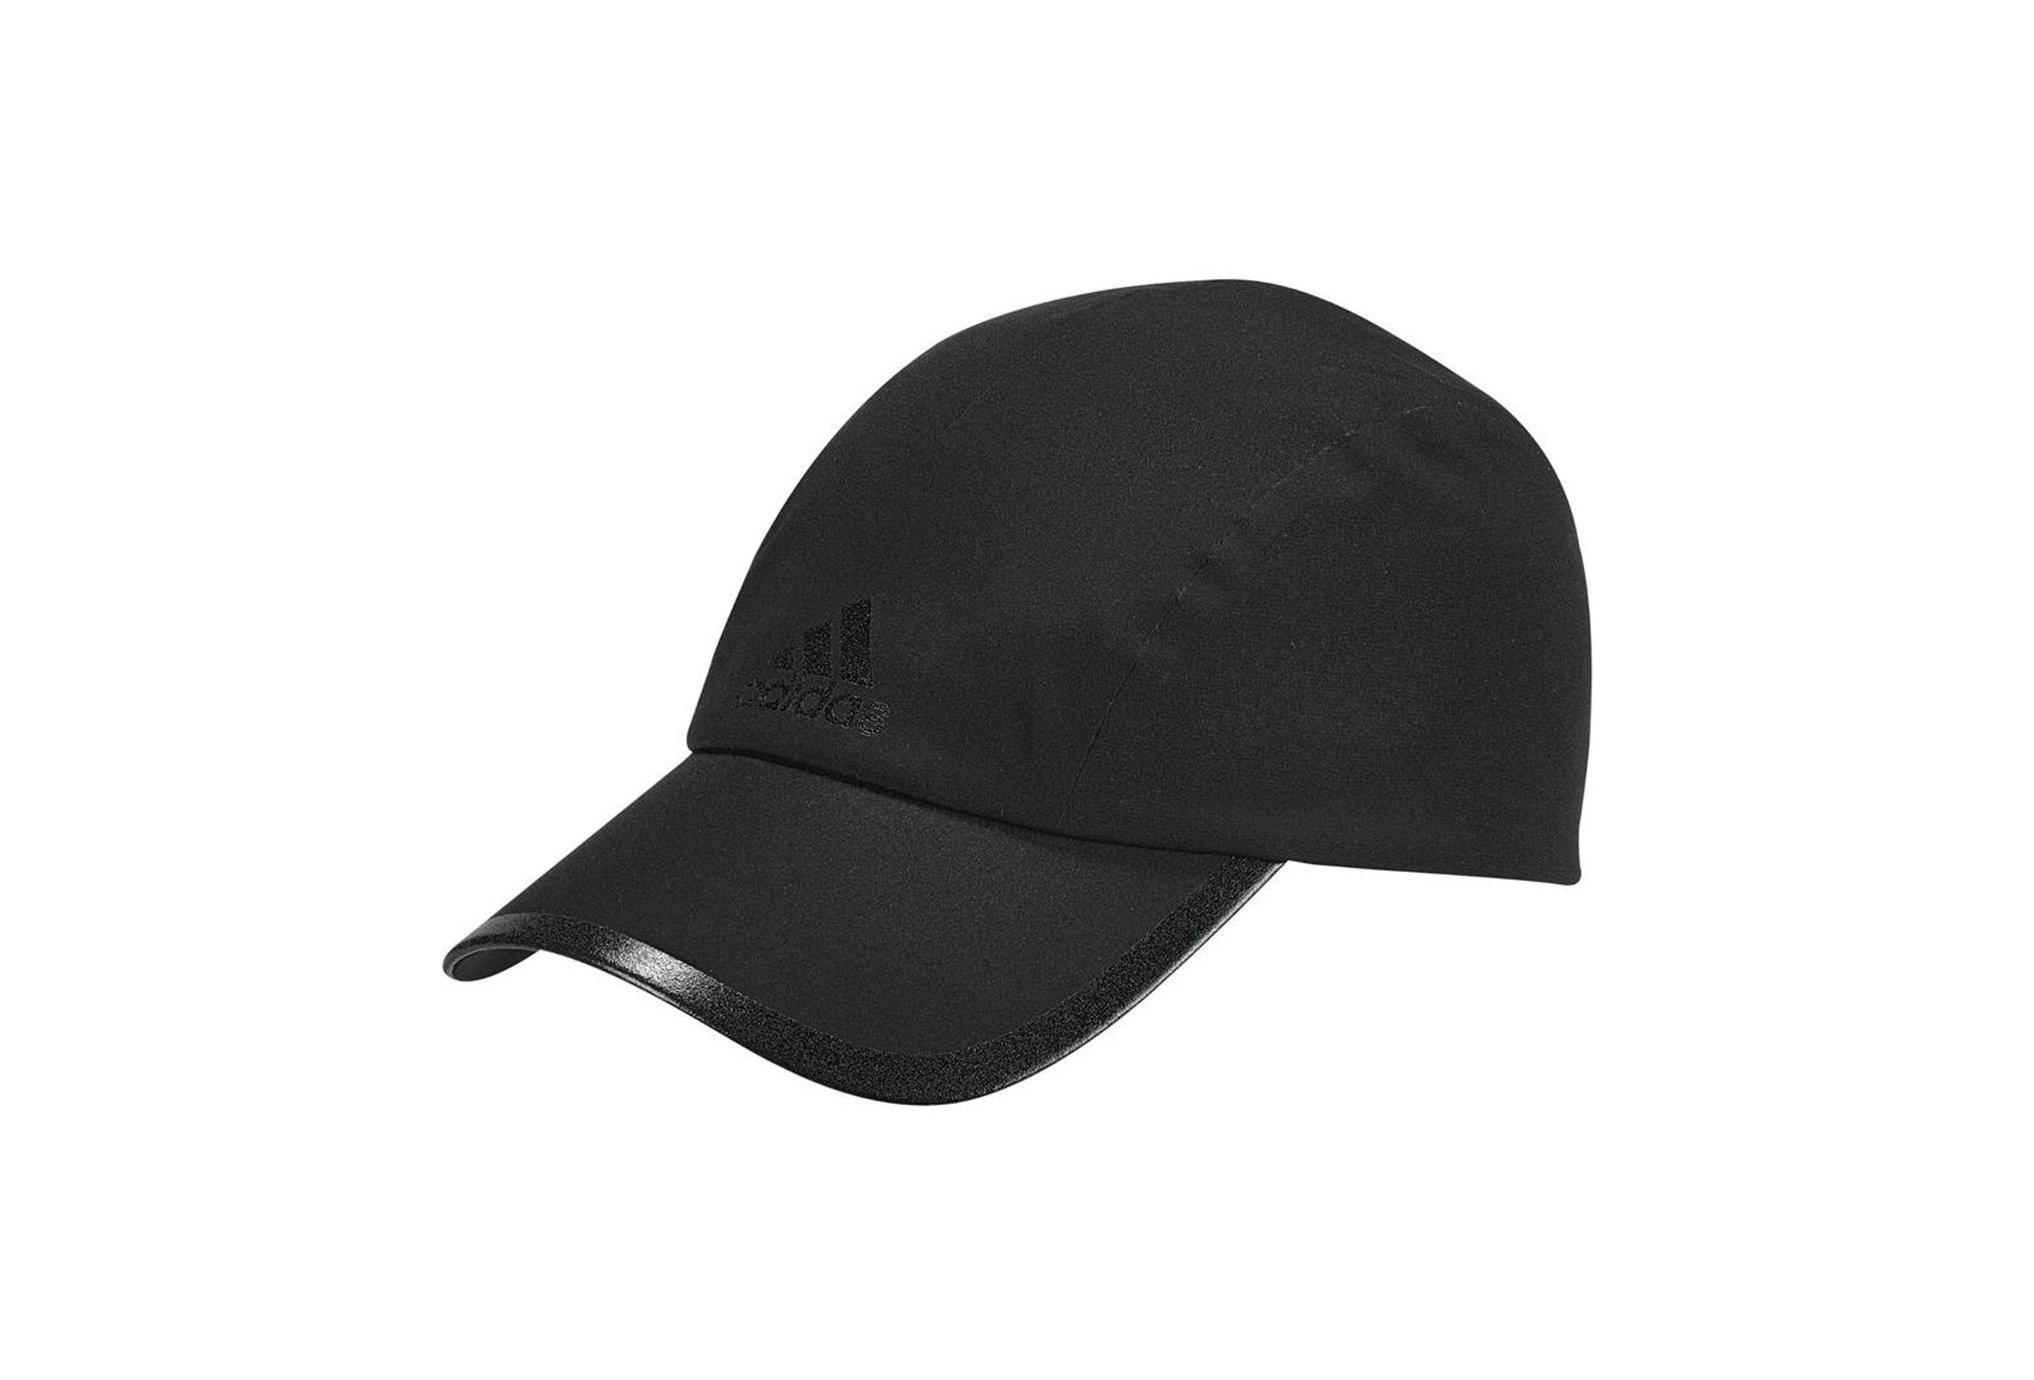 Adidas Climaproof m casquettes / bandeaux